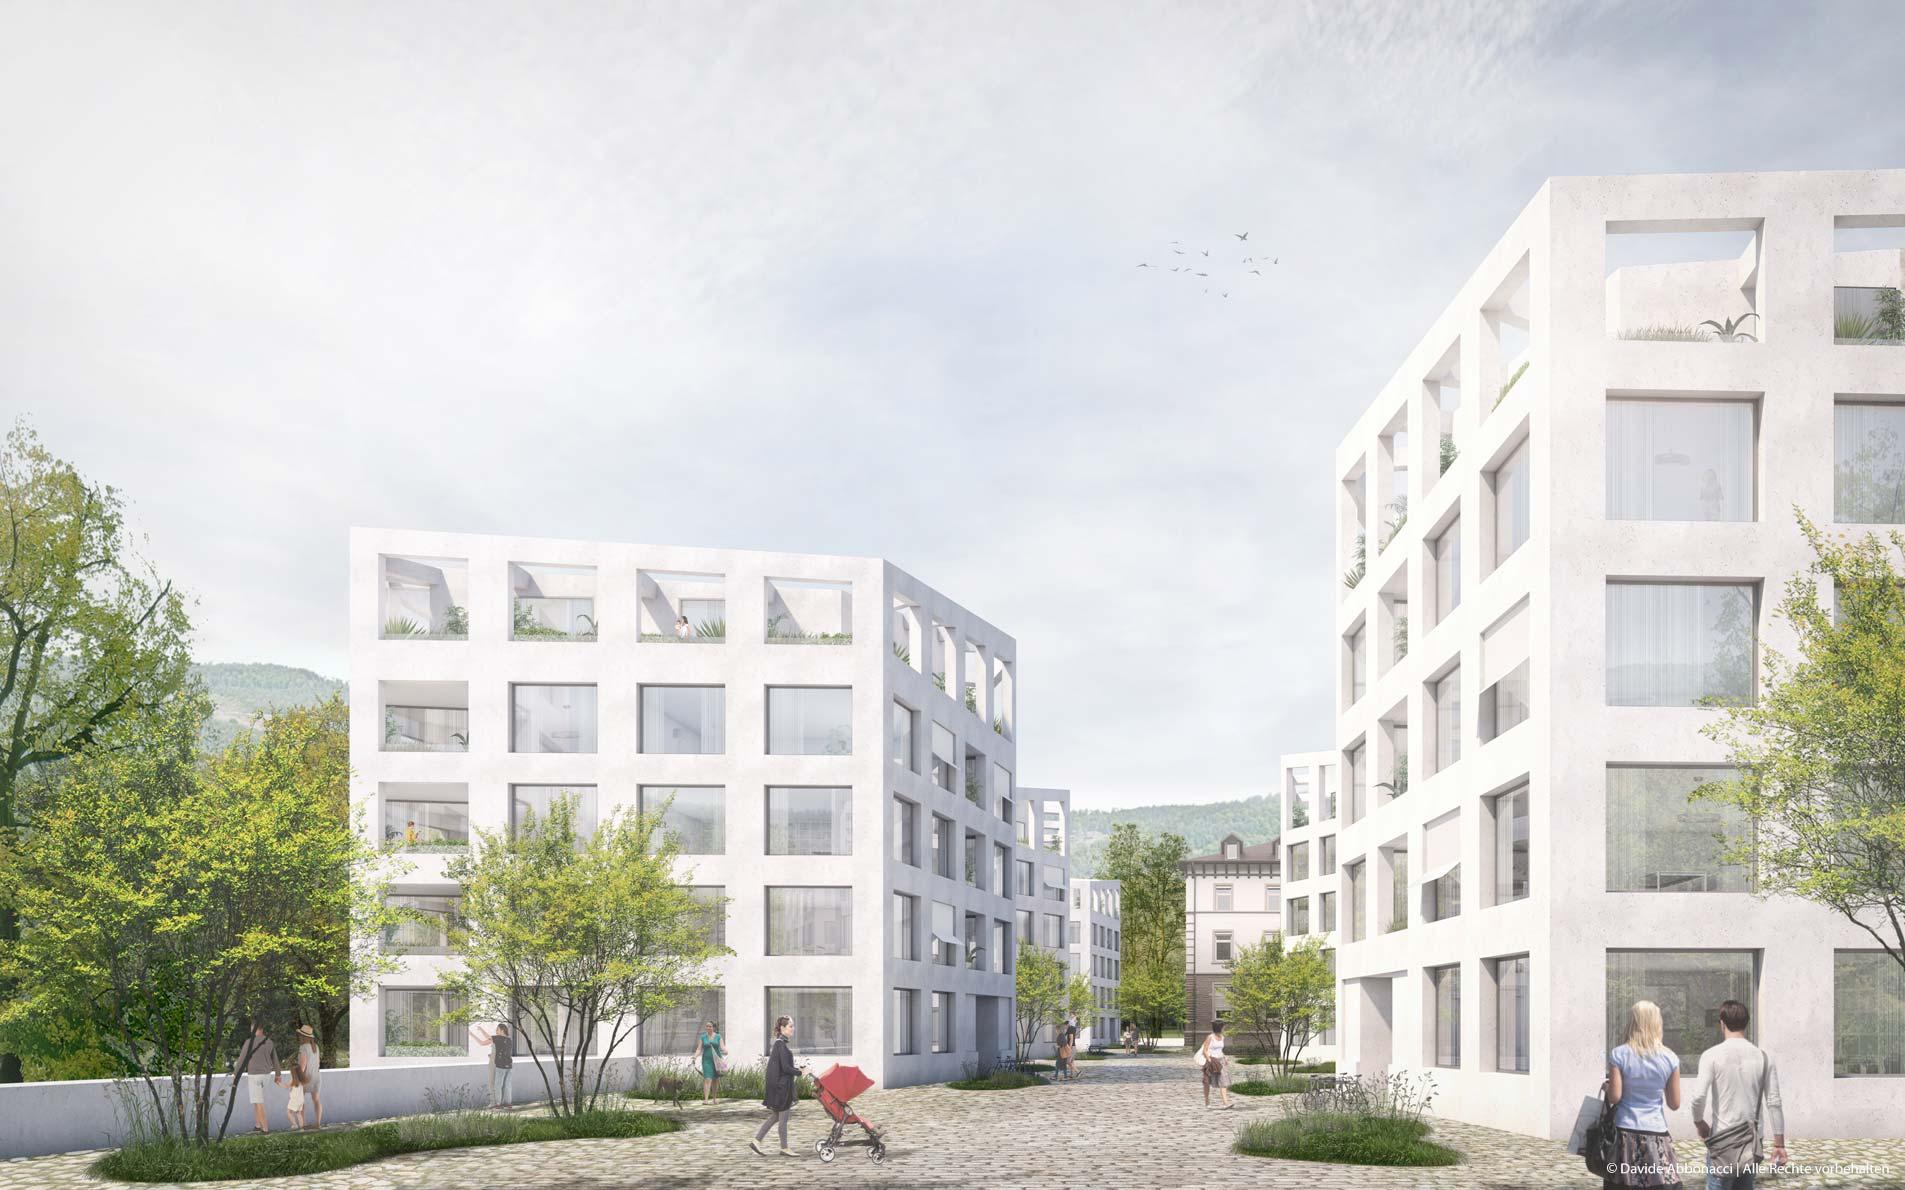 Am Tannenhof, Baden-Baden | Kuehn Malvezzi Architekten | 2018 Wohnungsbauprojekt Visualisierung